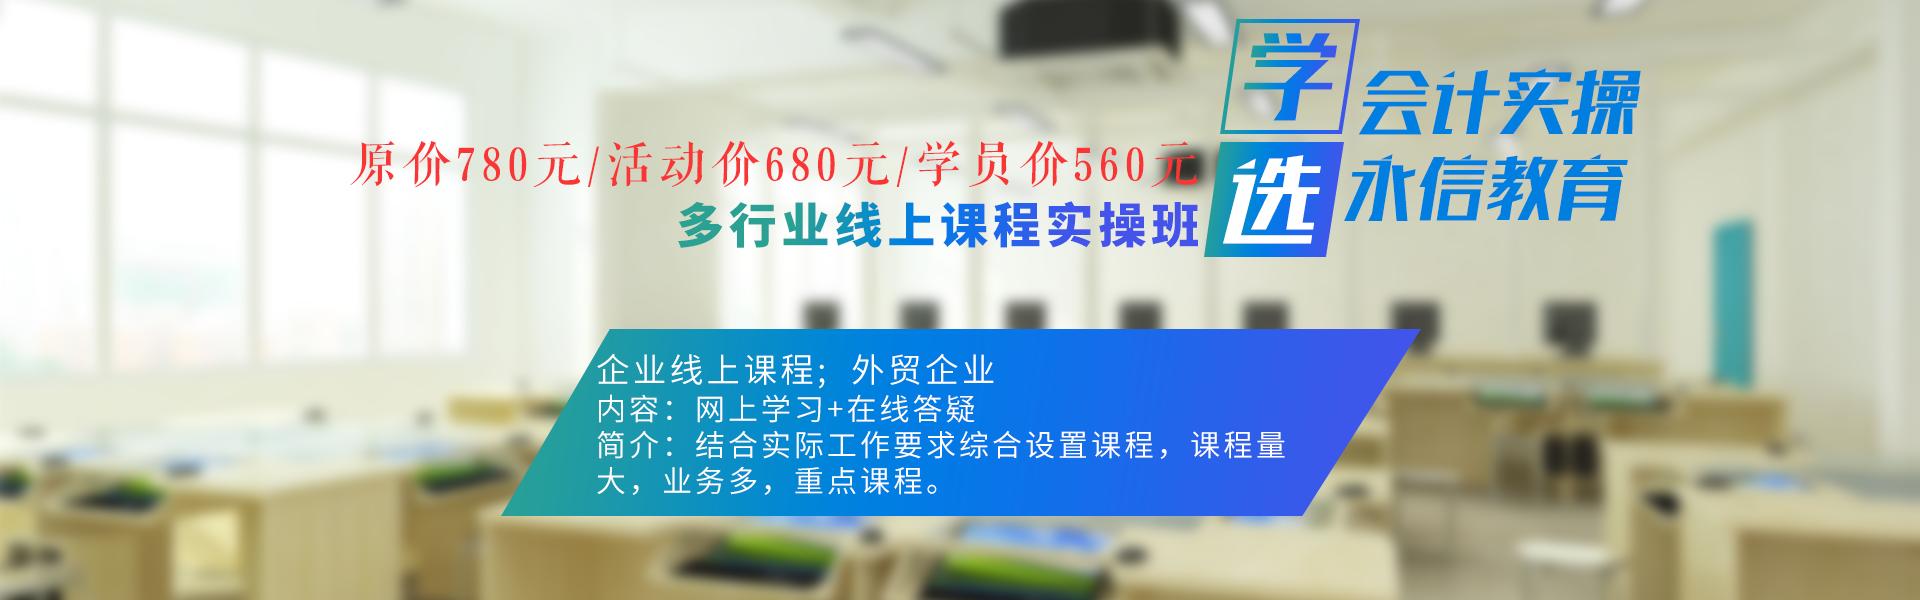 内页banner外贸企业.png